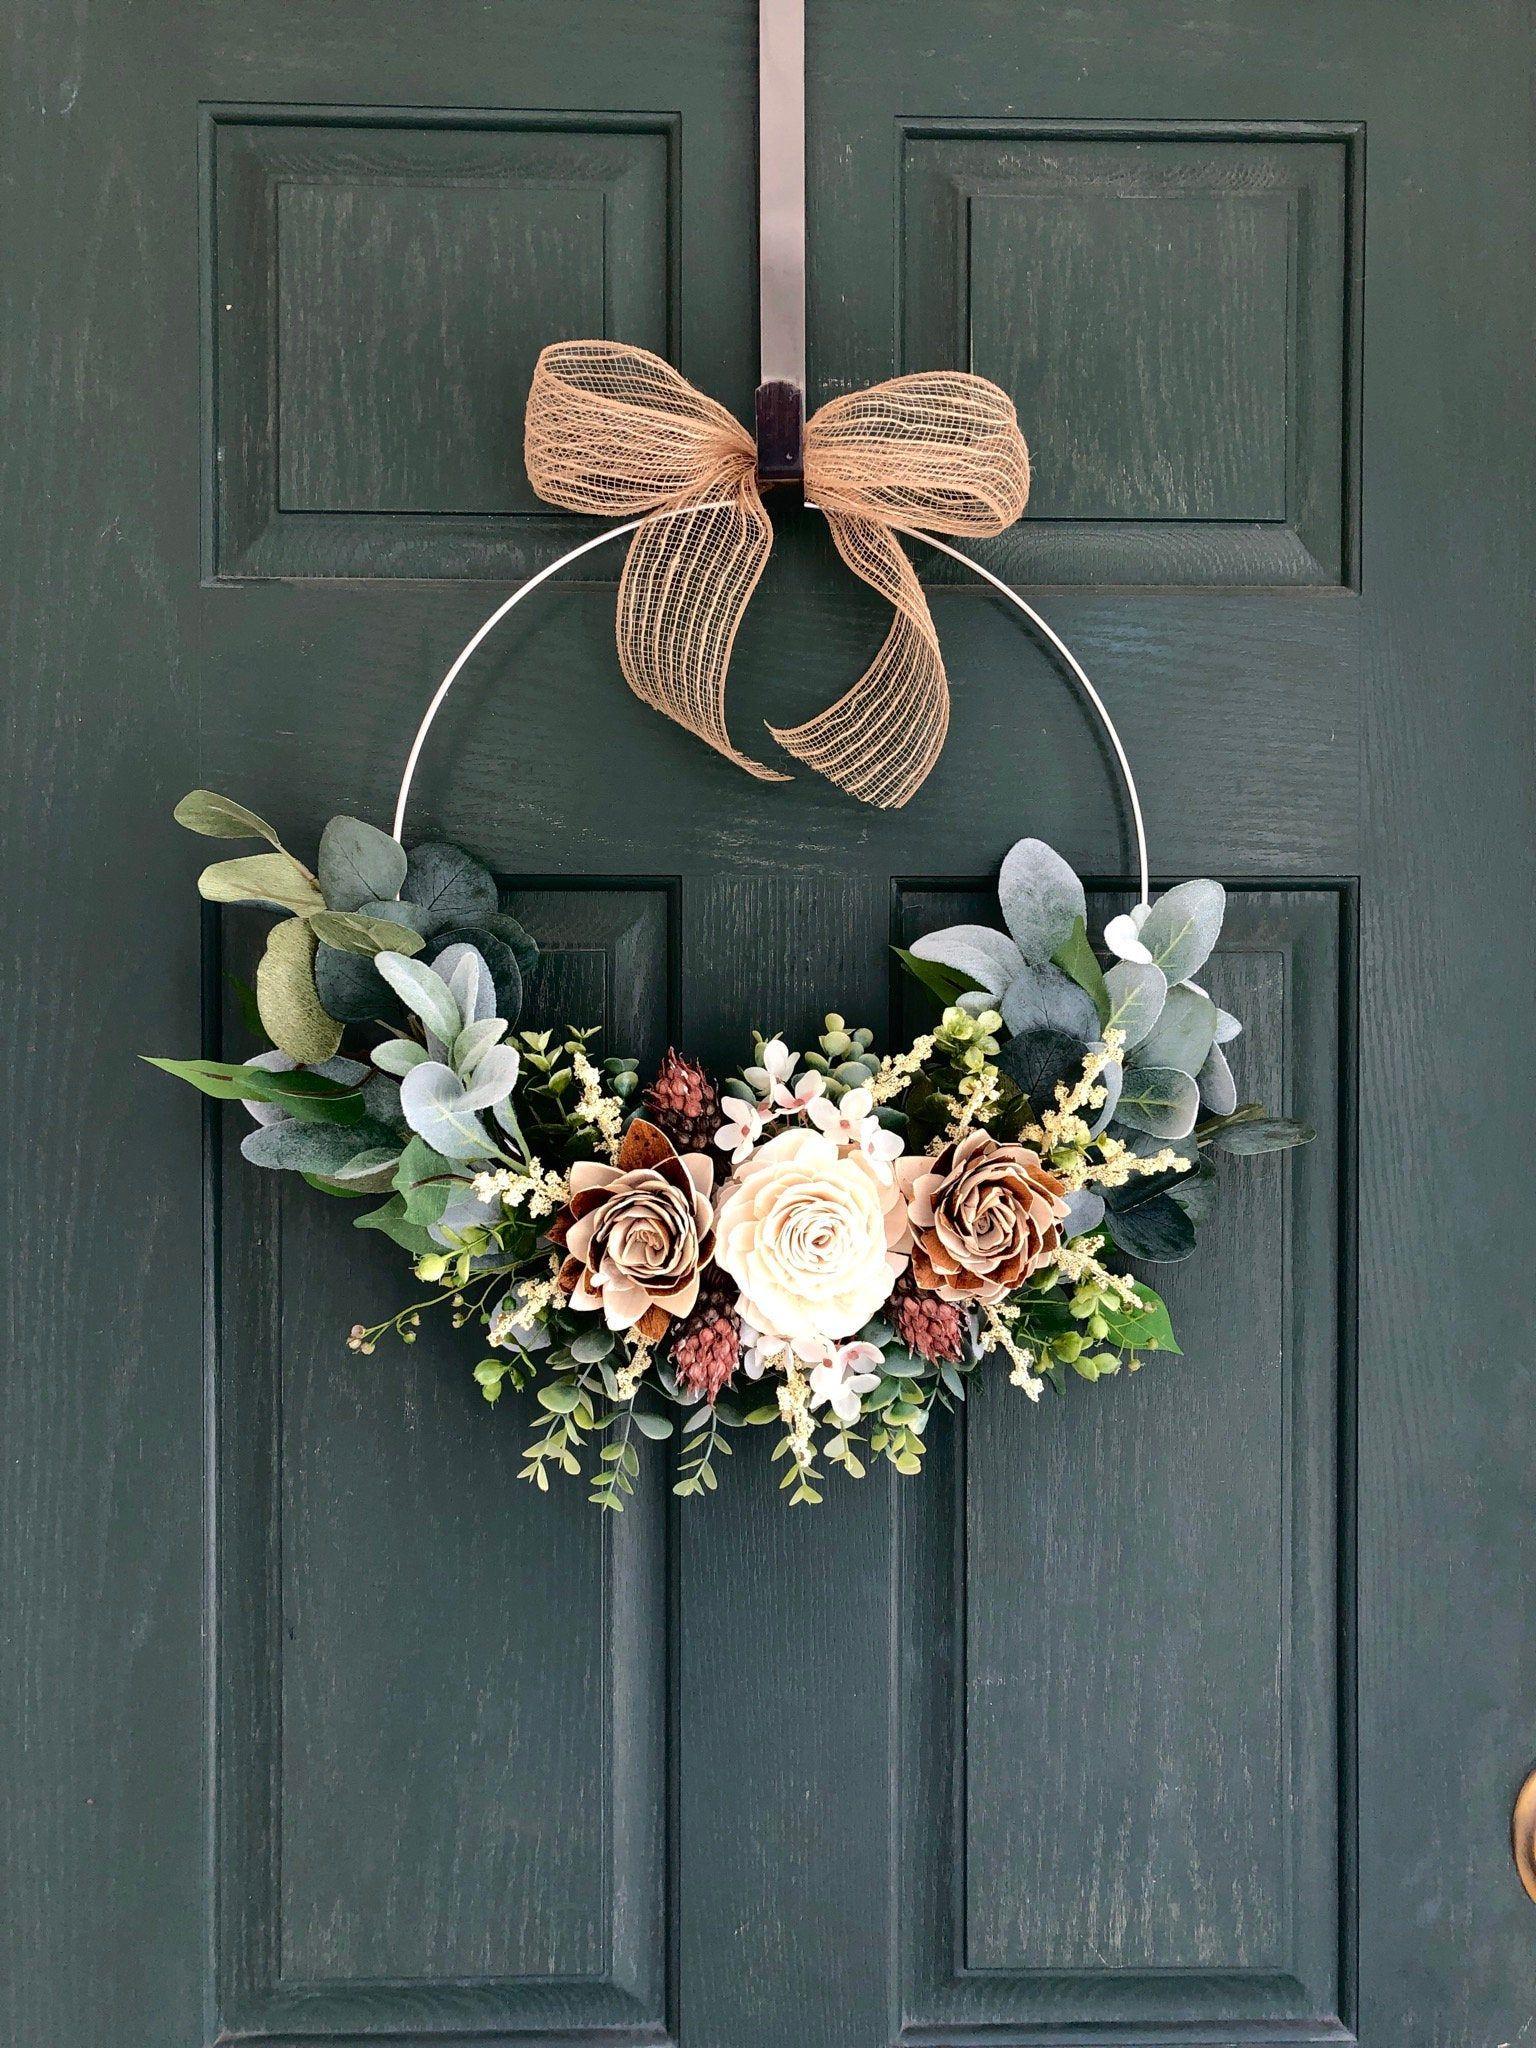 Summer Wreaths For Front Door Summer Wreath Fall Wreath Fall Wreaths For Front Door Modern Fall Hoop Wreath In 2020 Door Wreaths Diy Fall Wreaths Summer Wreath Diy